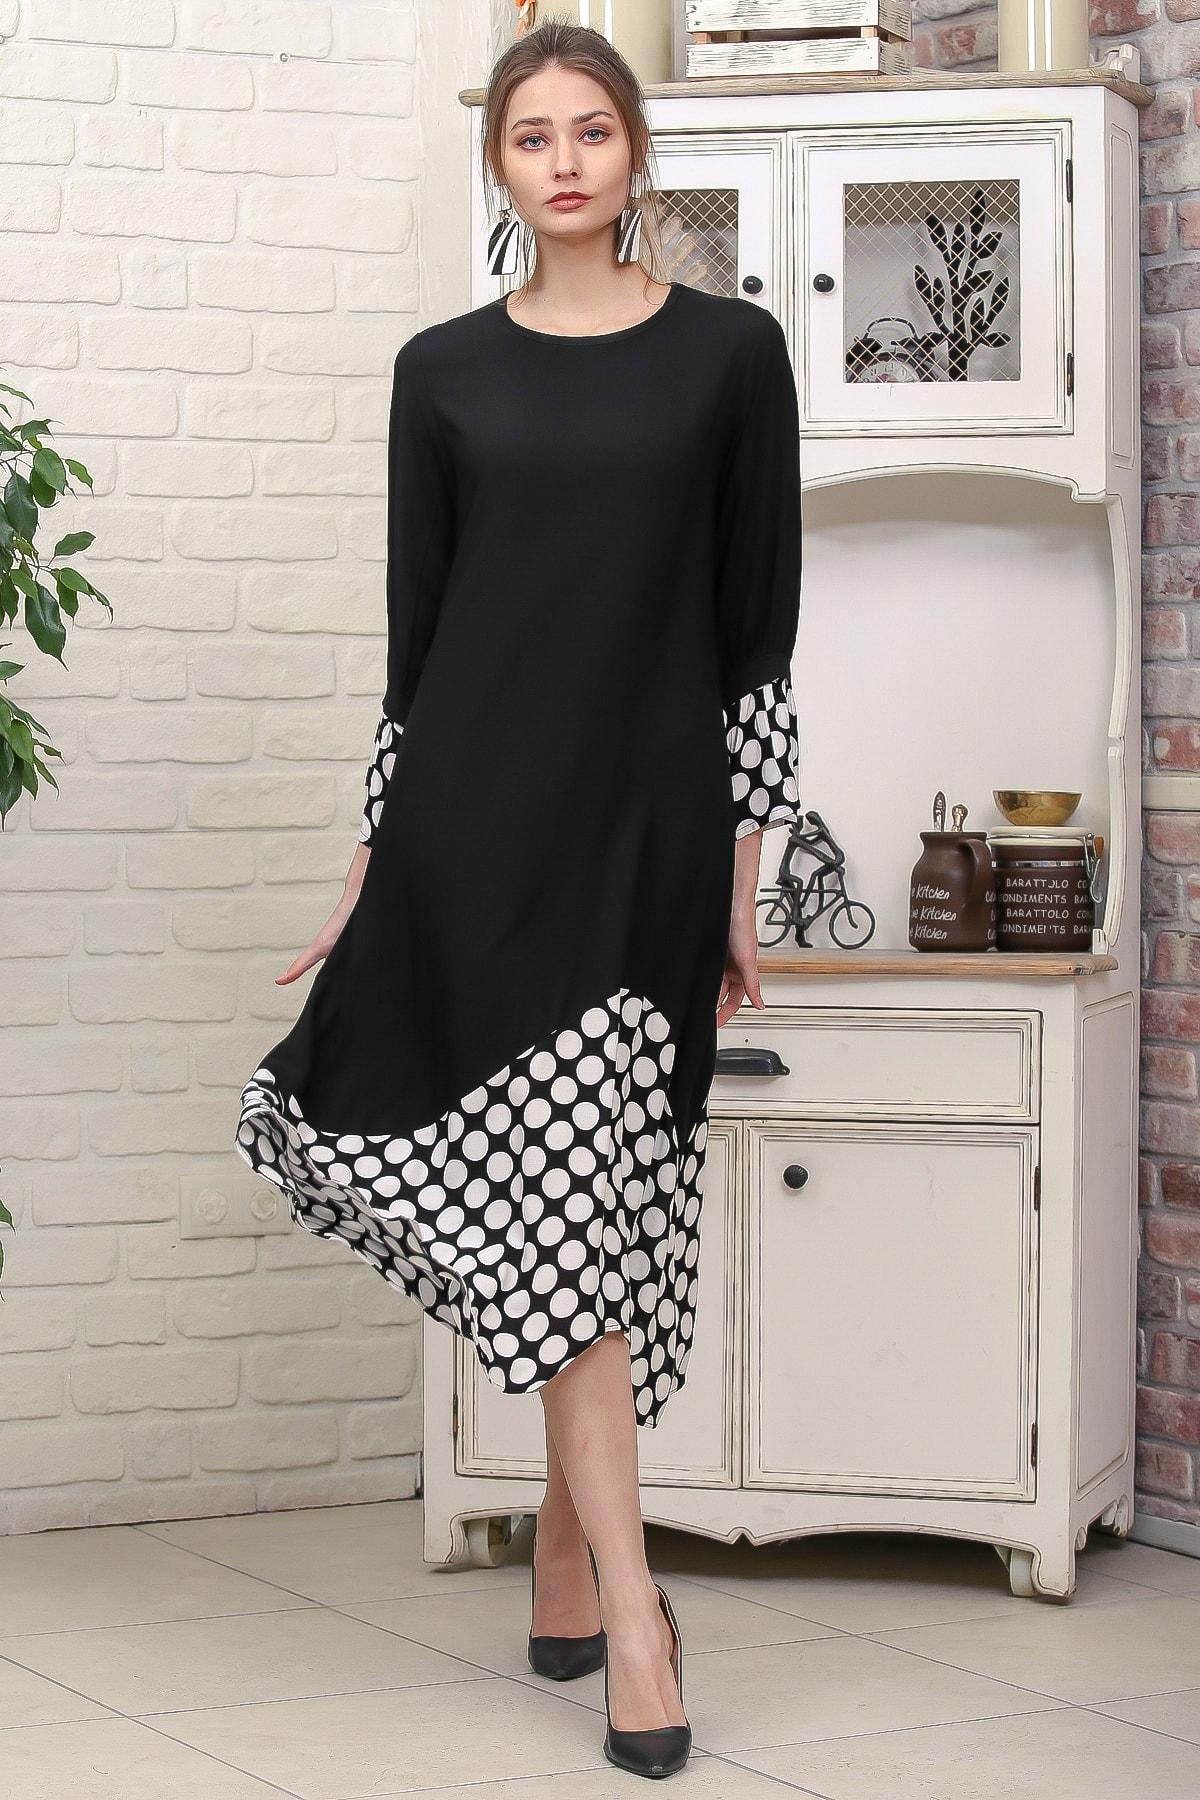 Chiccy Kadın Siyah Sıfır Yaka Puantiye Etek Ucu Bloklu 3/4 Kol Elbise M10160000EL95895 1